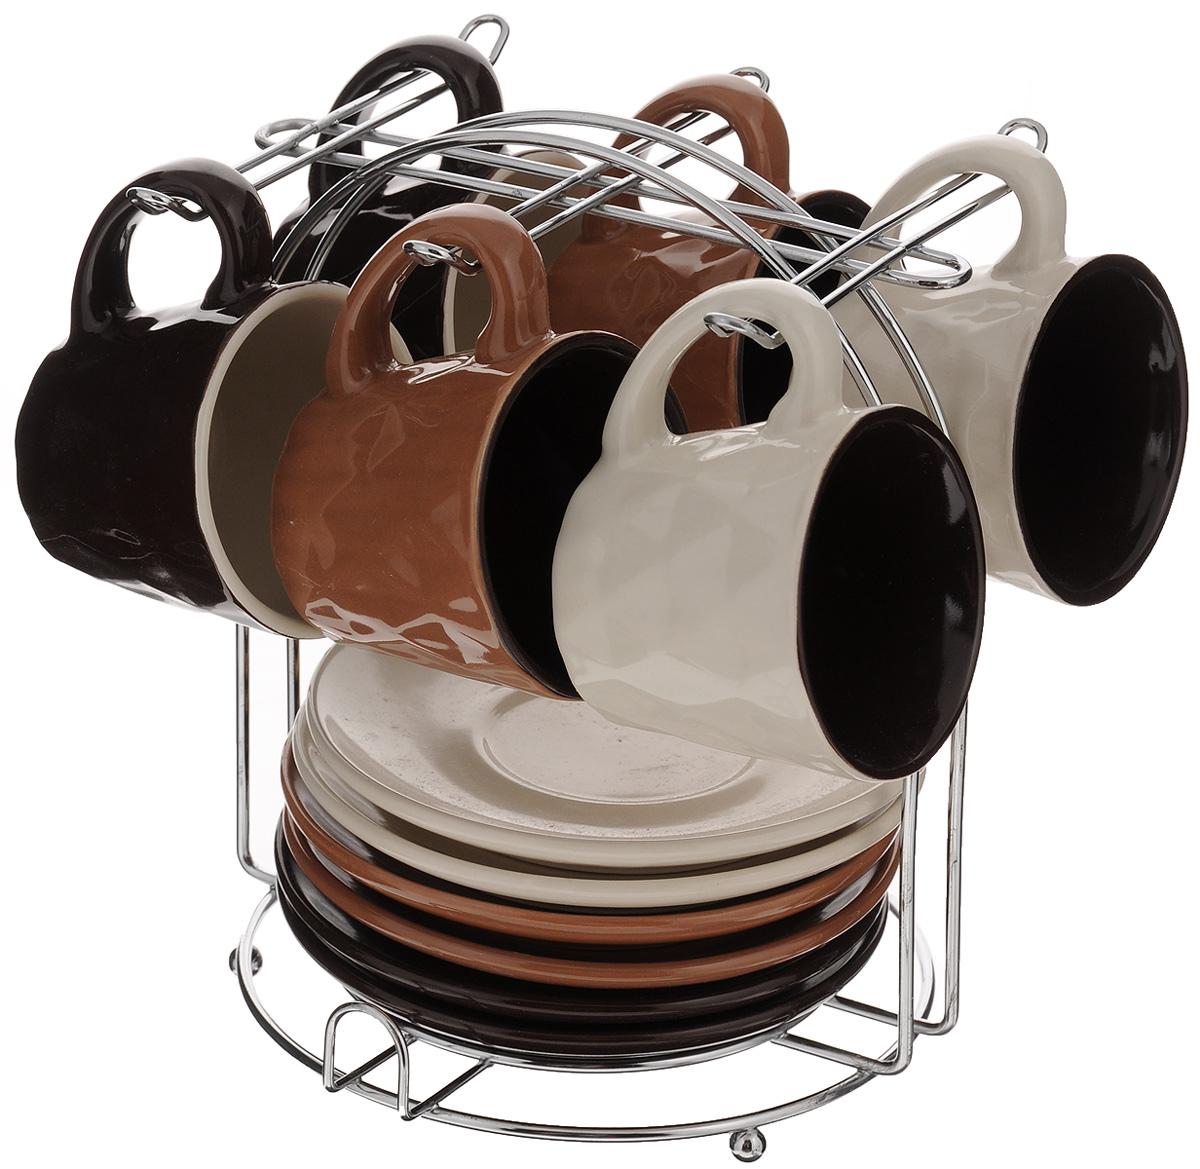 Фото - Набор кофейный Loraine, 13 предметов. 24668 [супермаркет] jingdong геб scybe фил приблизительно круглая чашка установлена в вертикальном положении стеклянной чашки 290мла 6 z